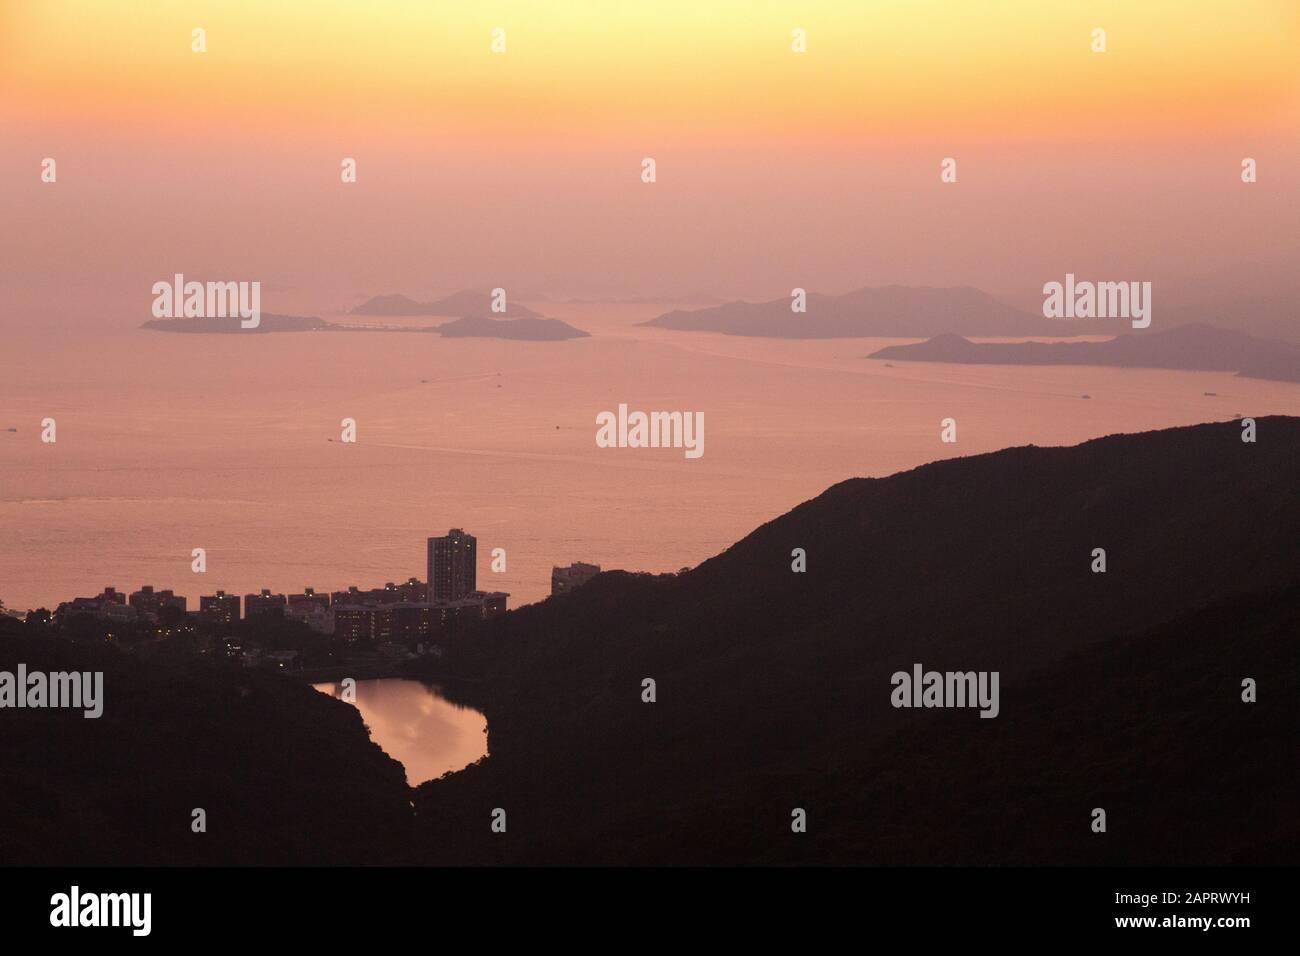 Islas de Hong Kong - una vista al atardecer mirando hacia el sudoeste sobre las islas en el Mar de China del Sur vista desde el Pico, Isla de Hong Kong, Hong Kong Asia Foto de stock